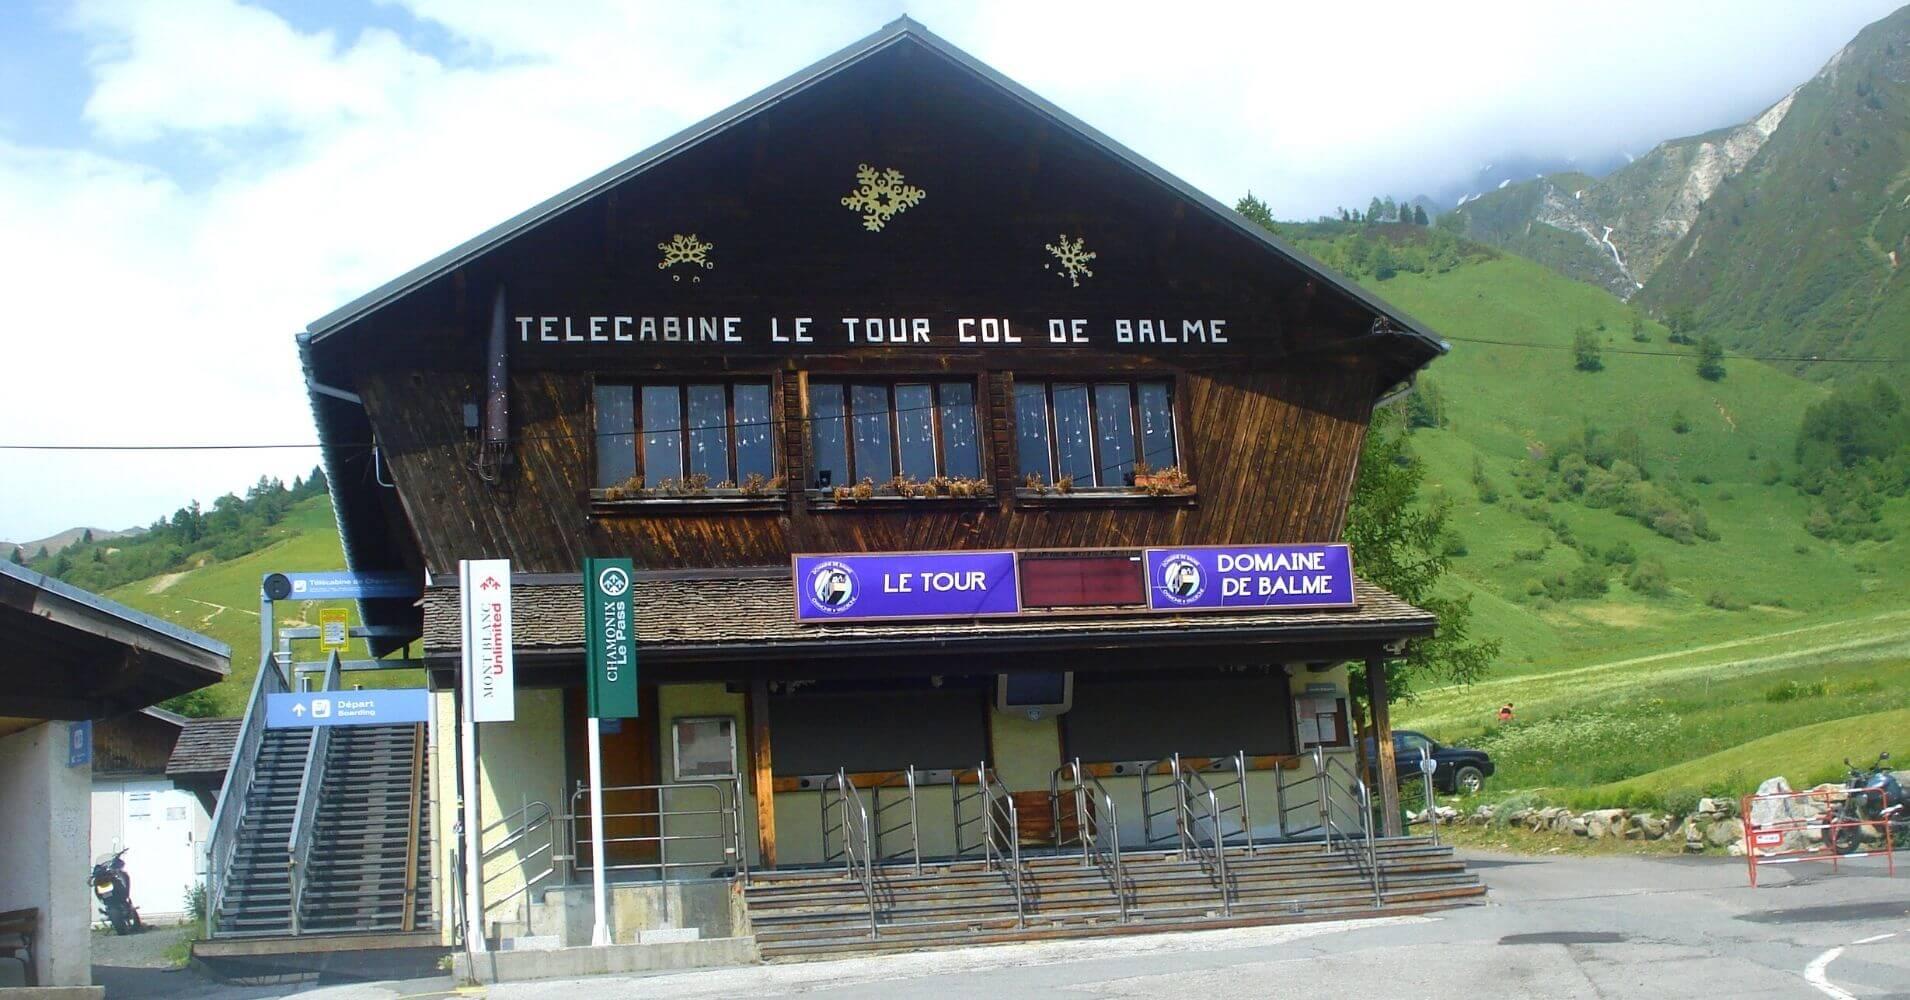 Telecabina Le tour. Col de Balme. Cordillera de los Alpes.